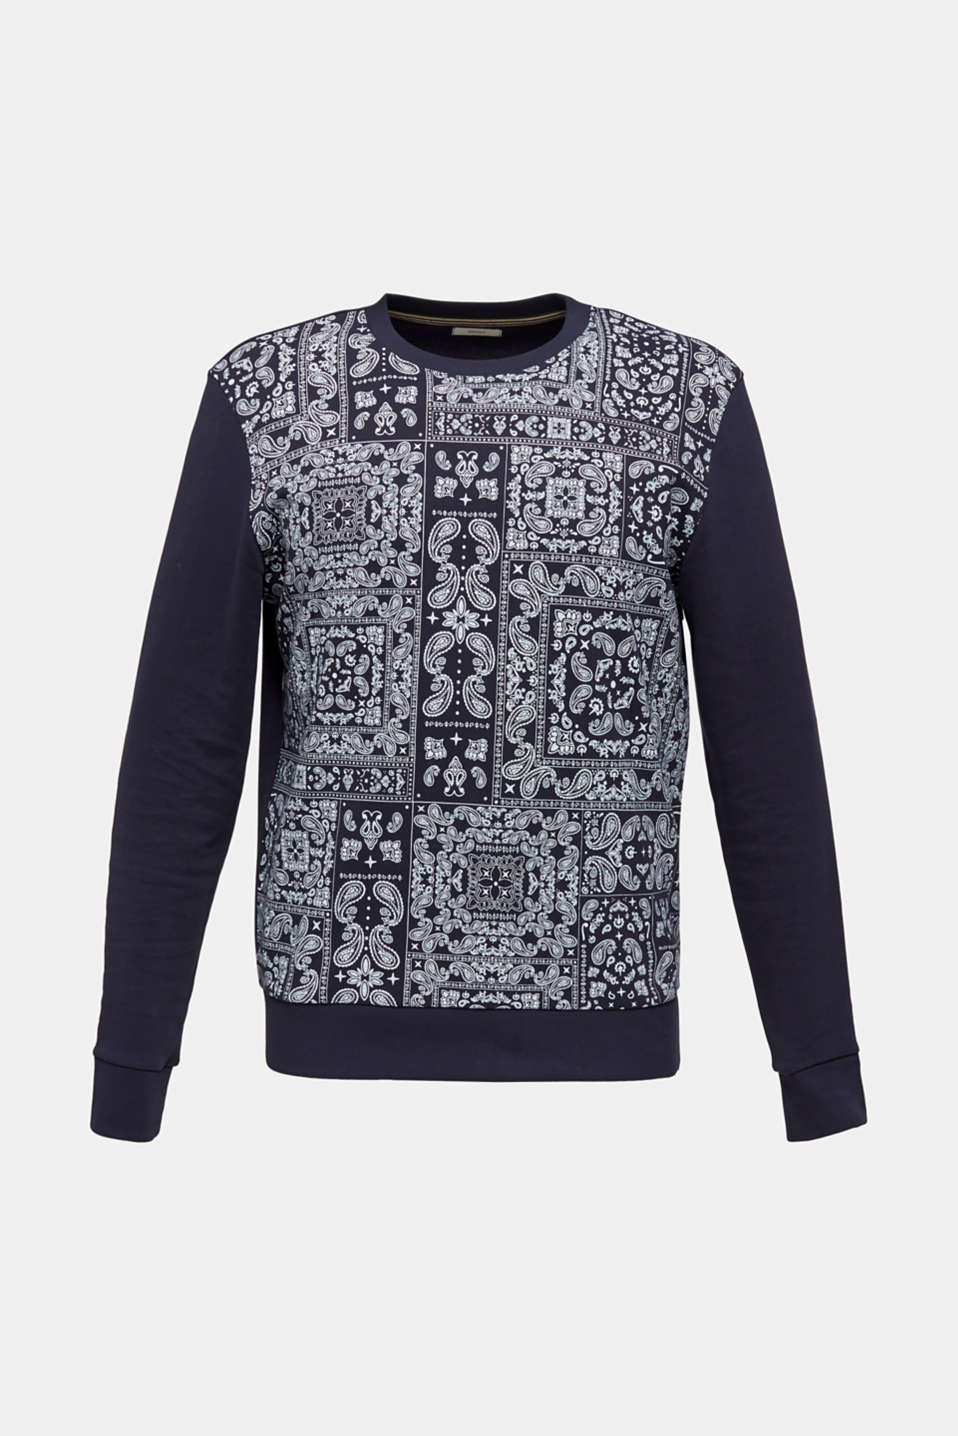 Bandana print sweatshirt, 100% cotton, NAVY 4, detail image number 6